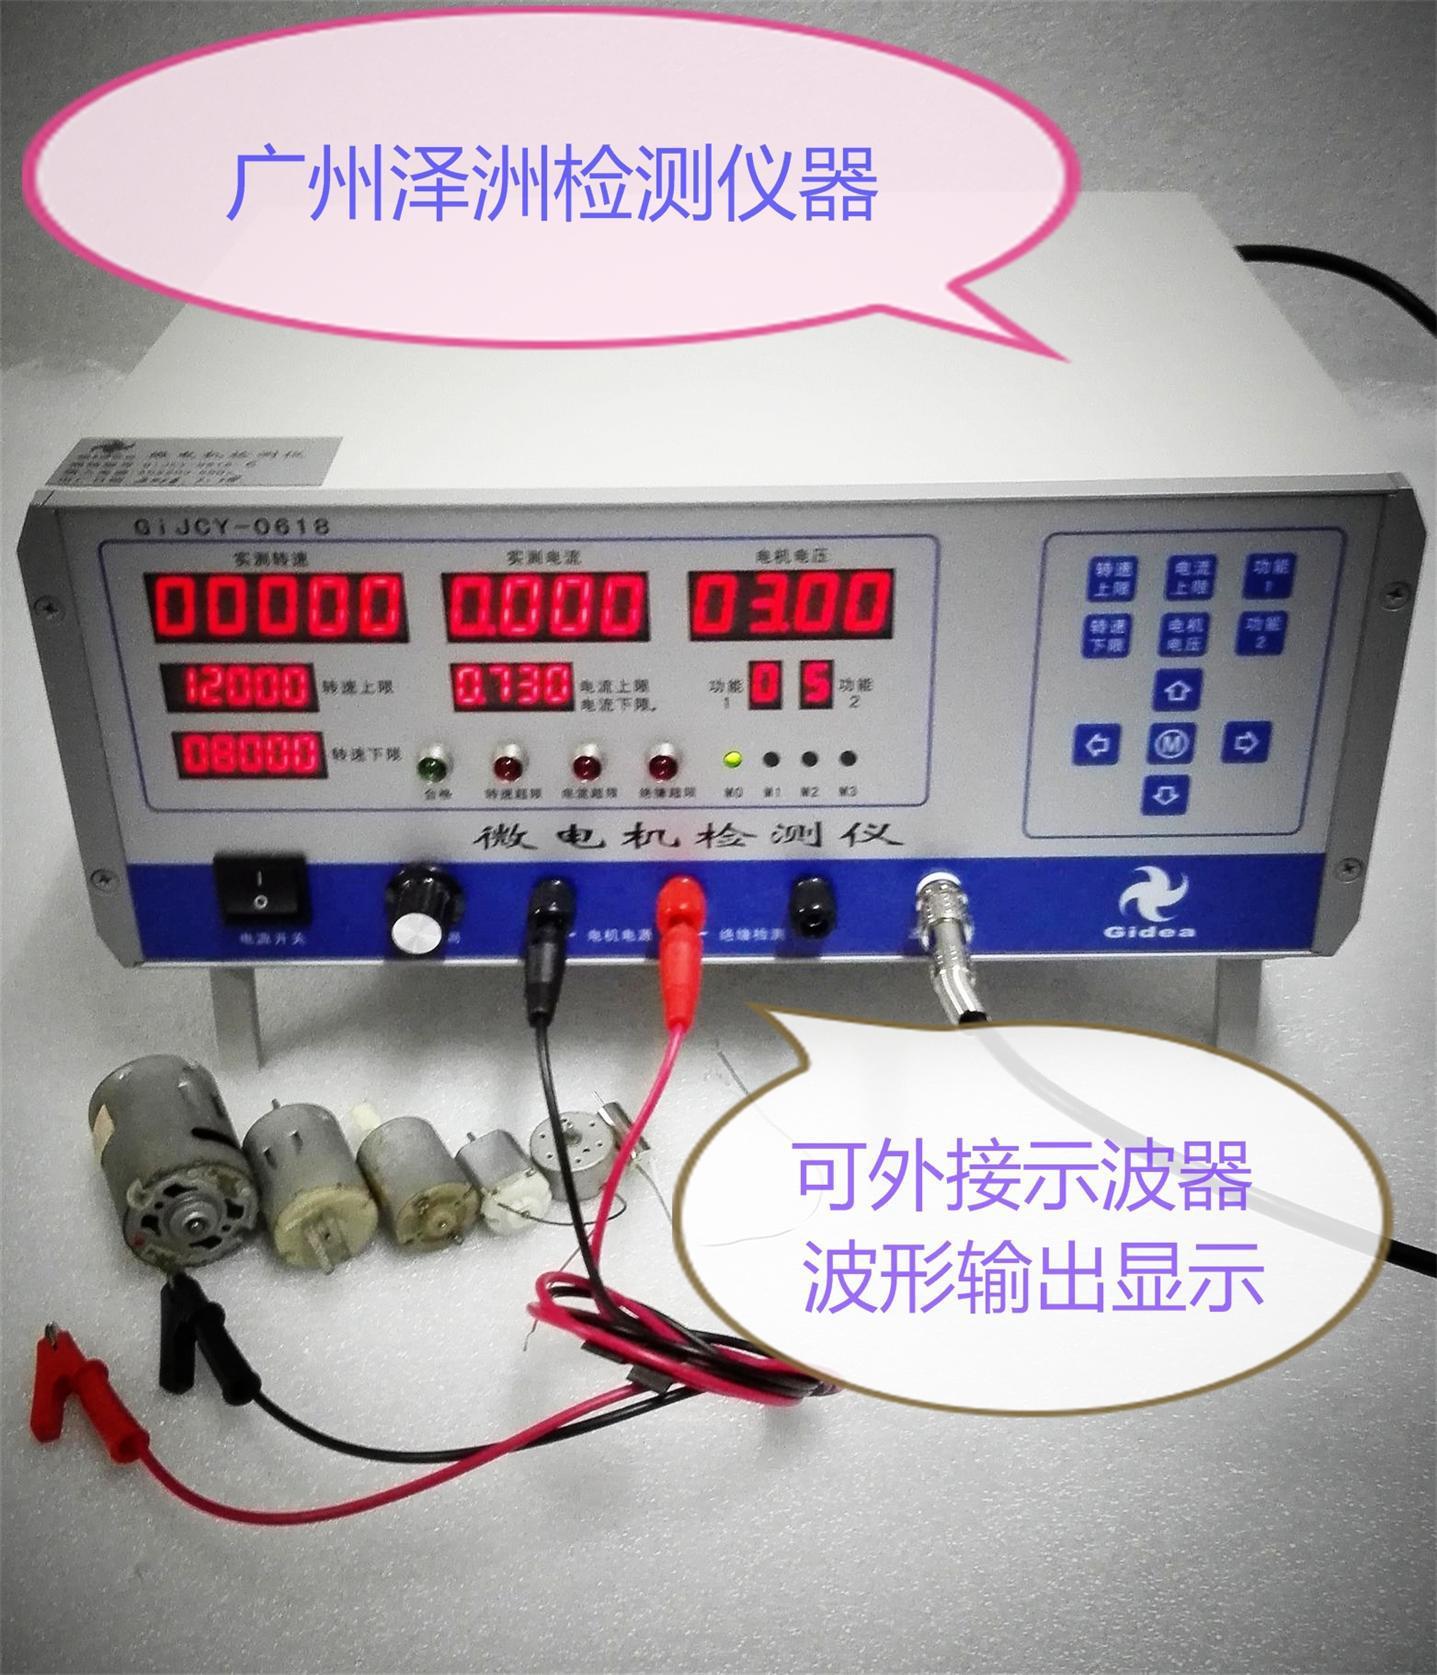 微电机检测仪A型